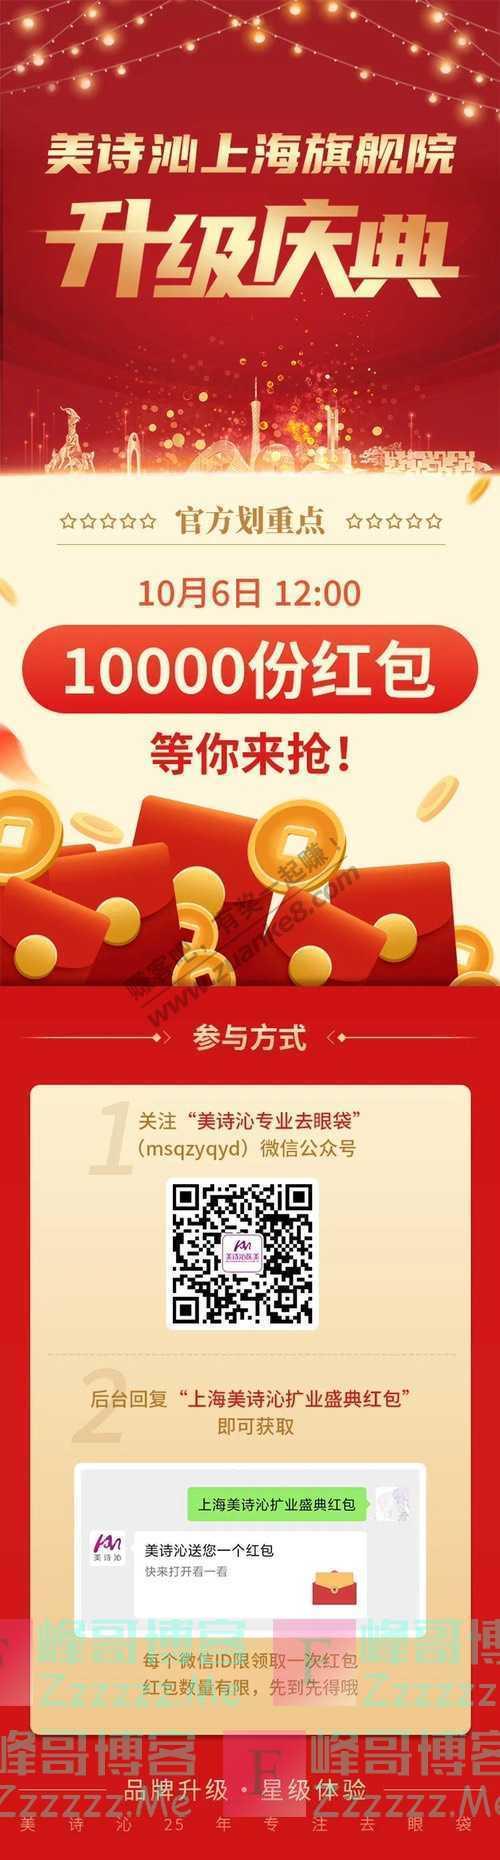 美诗沁美诗沁上海旗舰院扩业升级盛典,10000个开业红包等你来抢(截止不详)